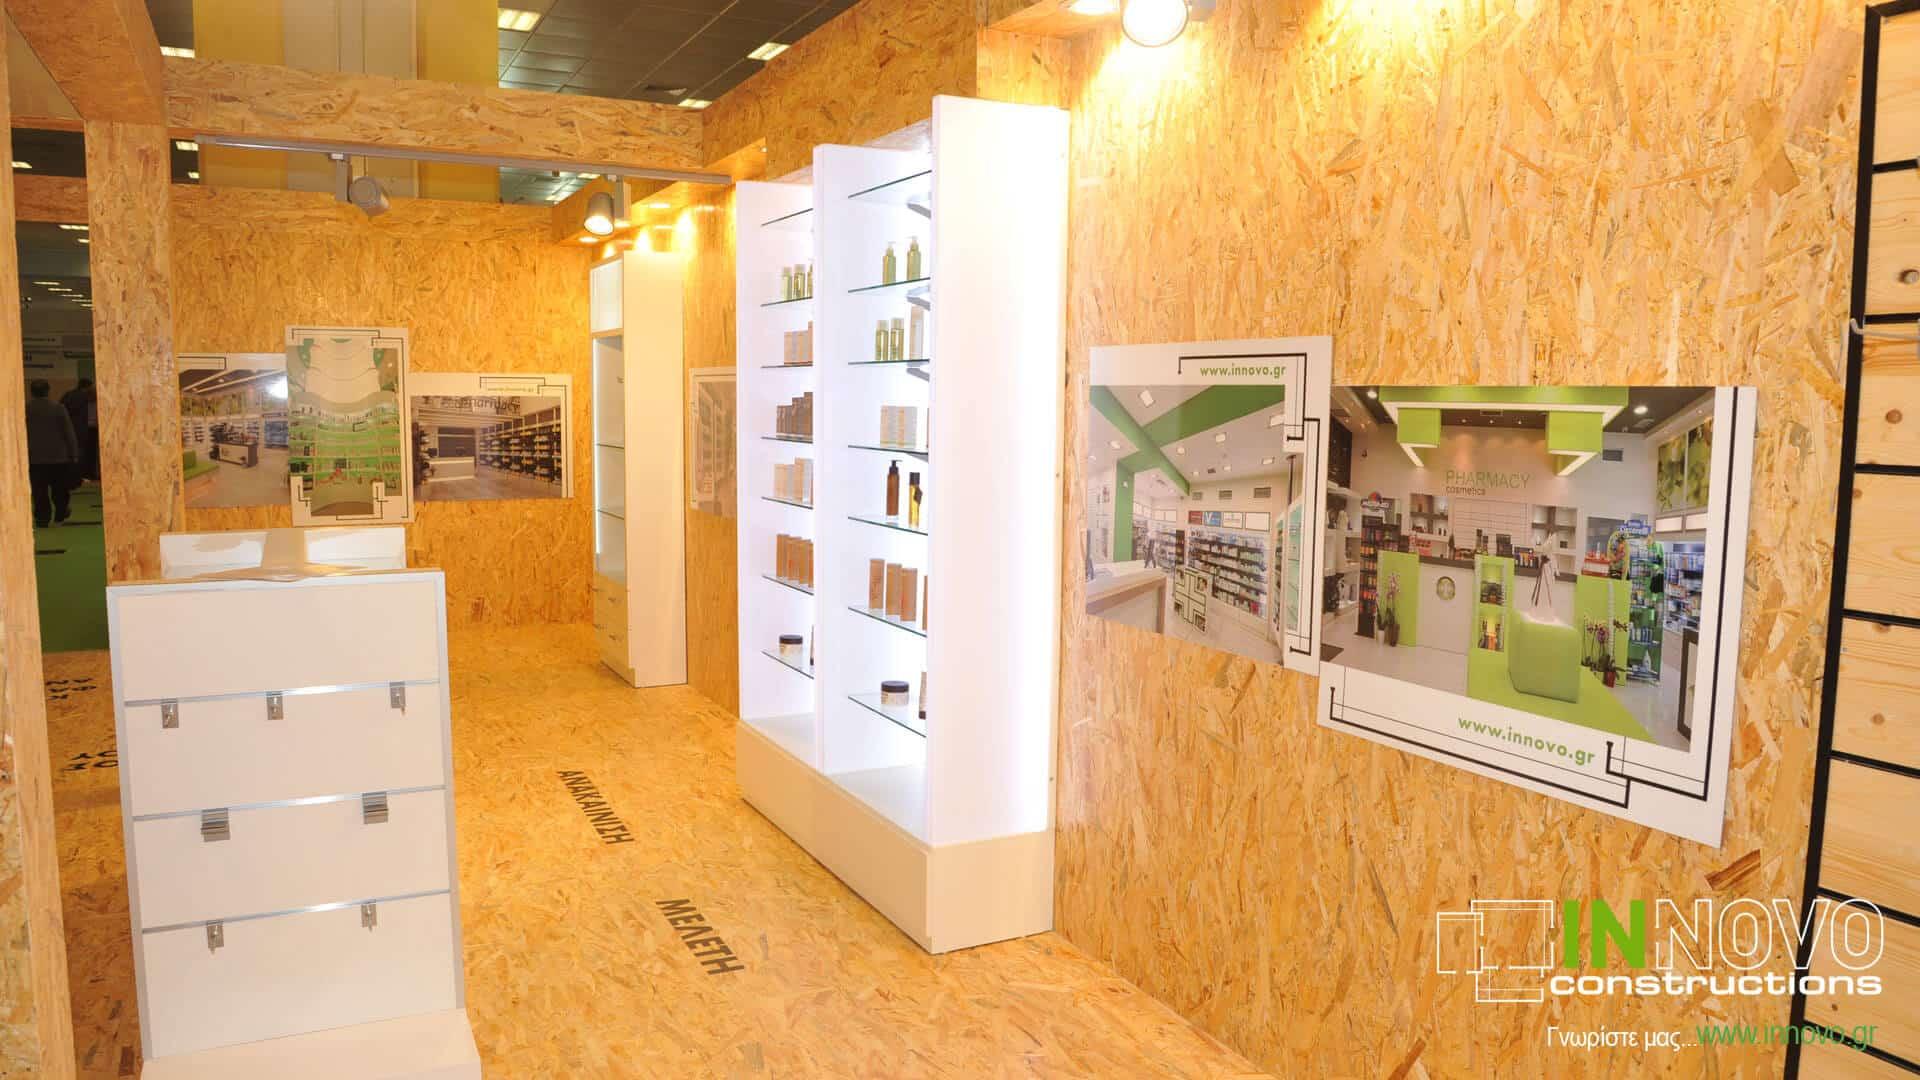 kataskevi-peripterou-exhibition-stand-construction-periptero-mas-hellaspharm2014-7-2